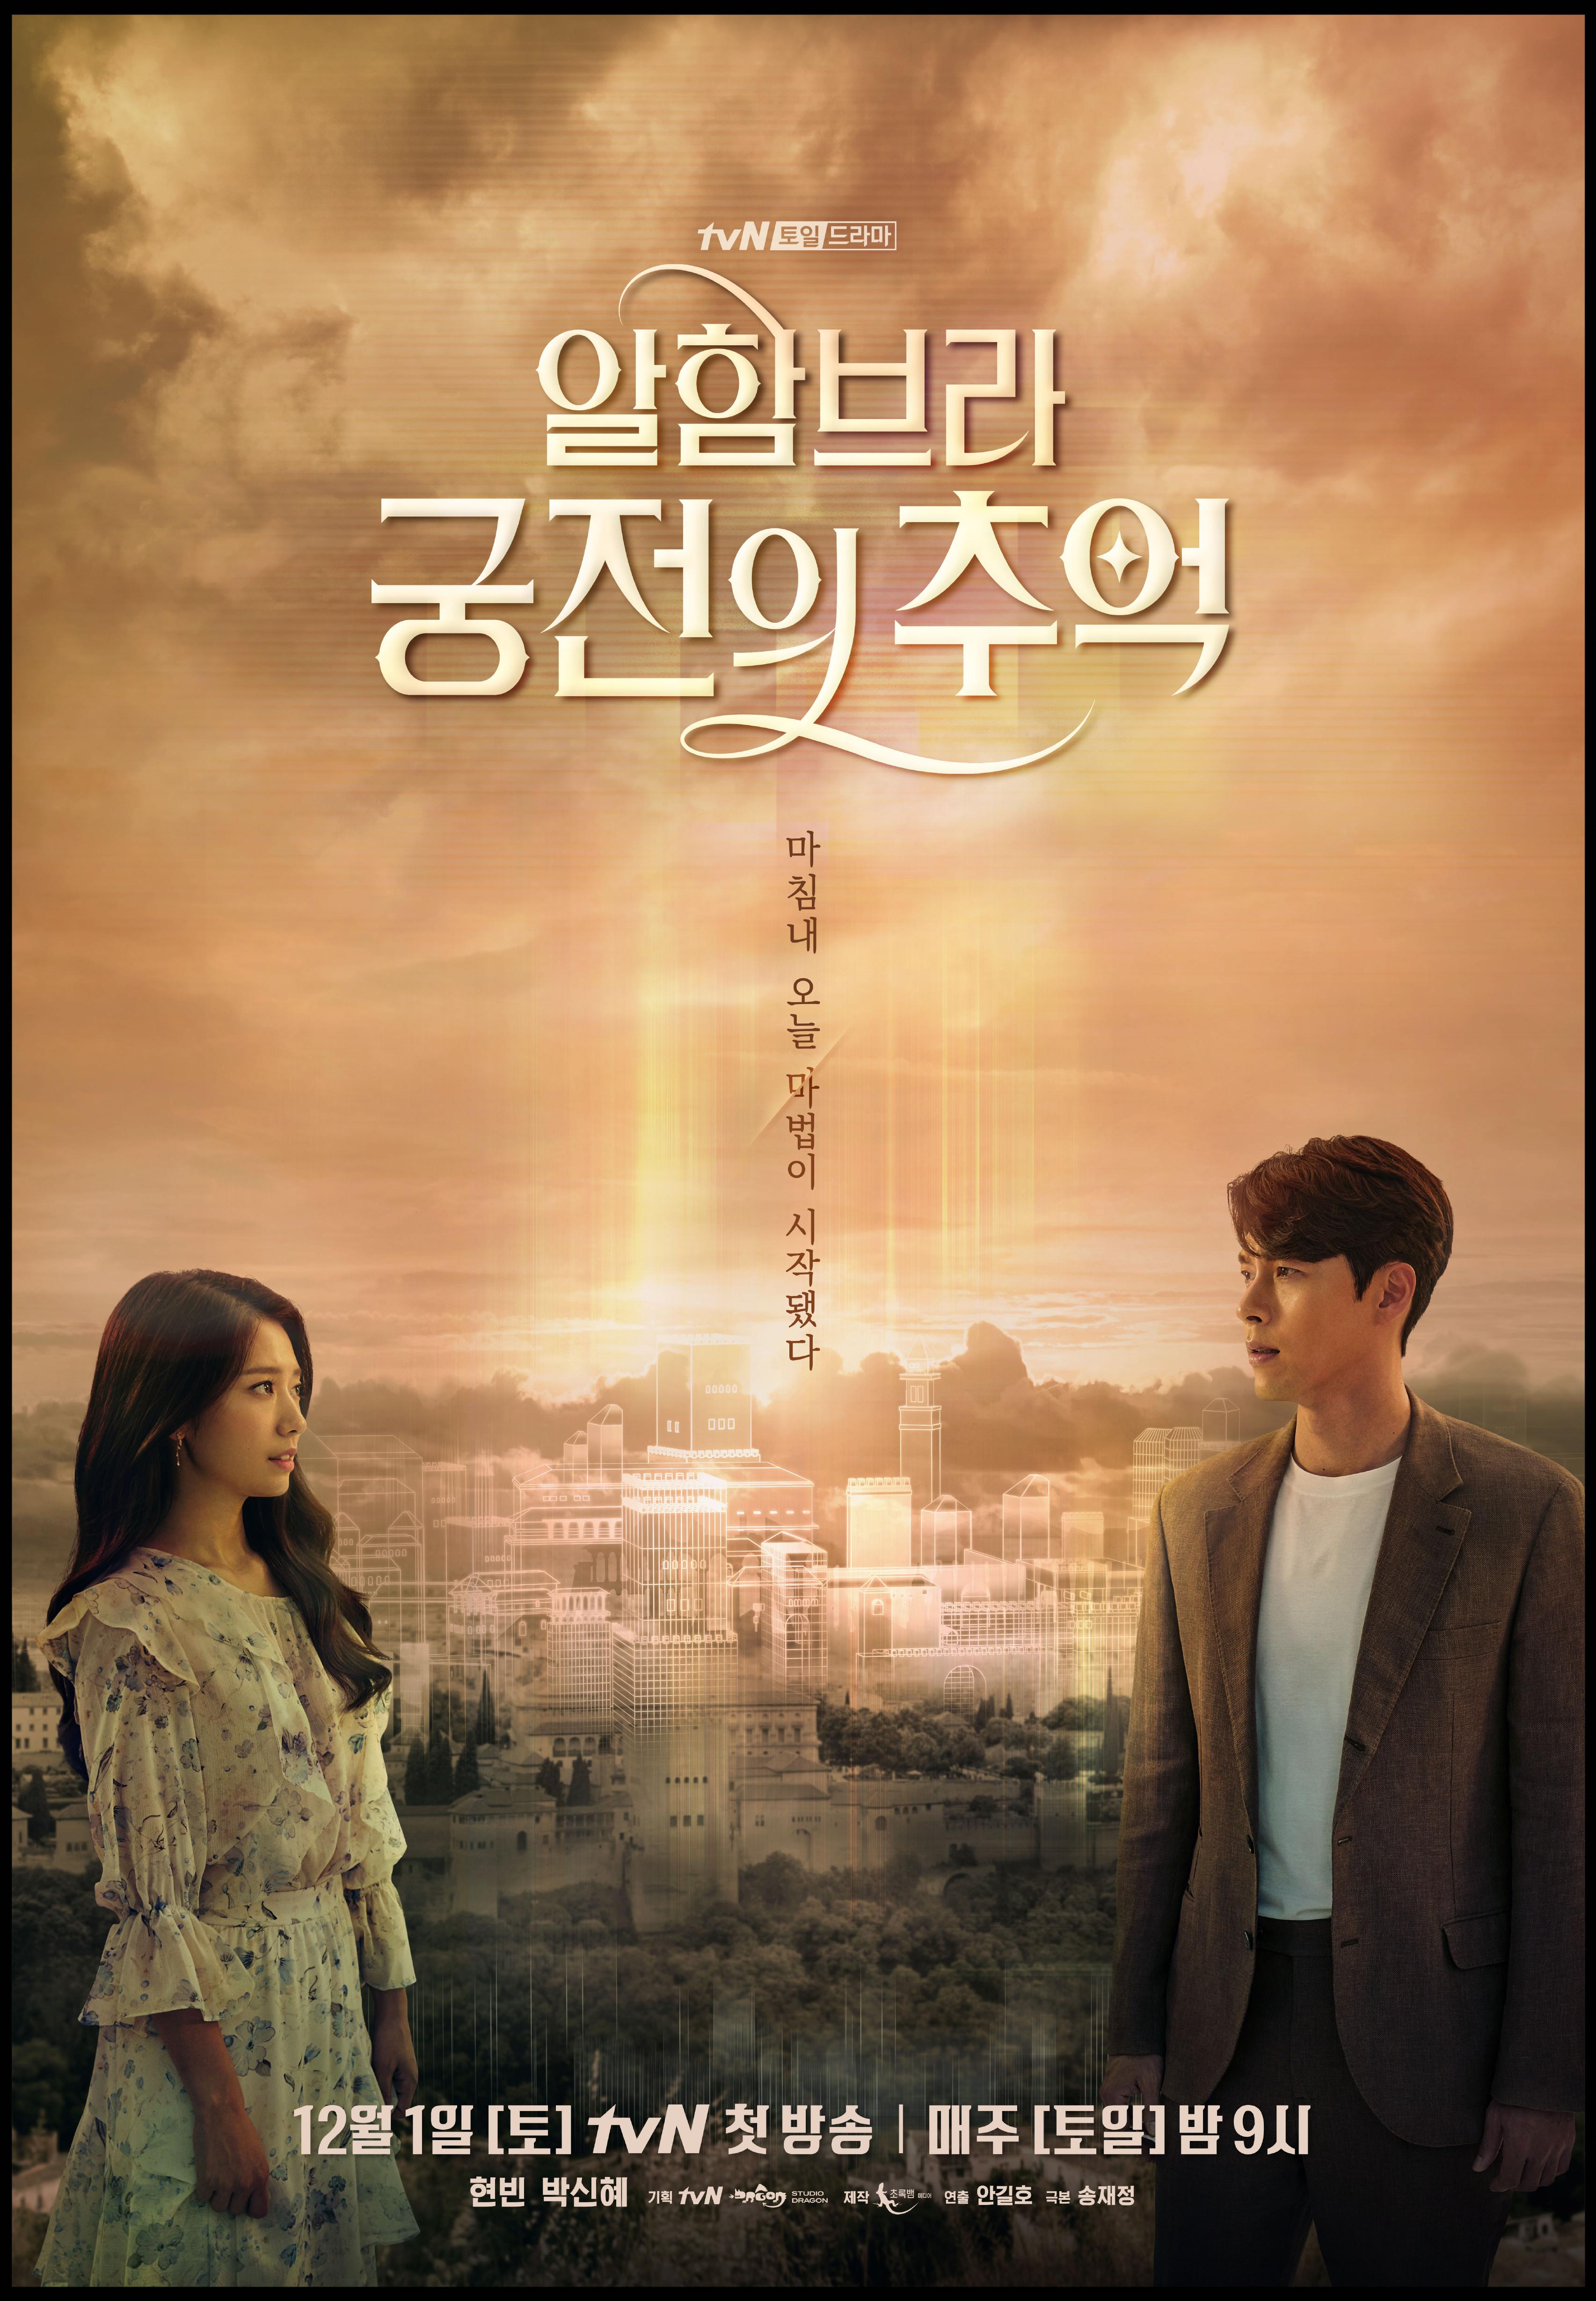 韩国男神玄彬新剧《阿尔罕布拉宫的回忆》开播收视飘红,一起来看看他的经典韩剧啊!